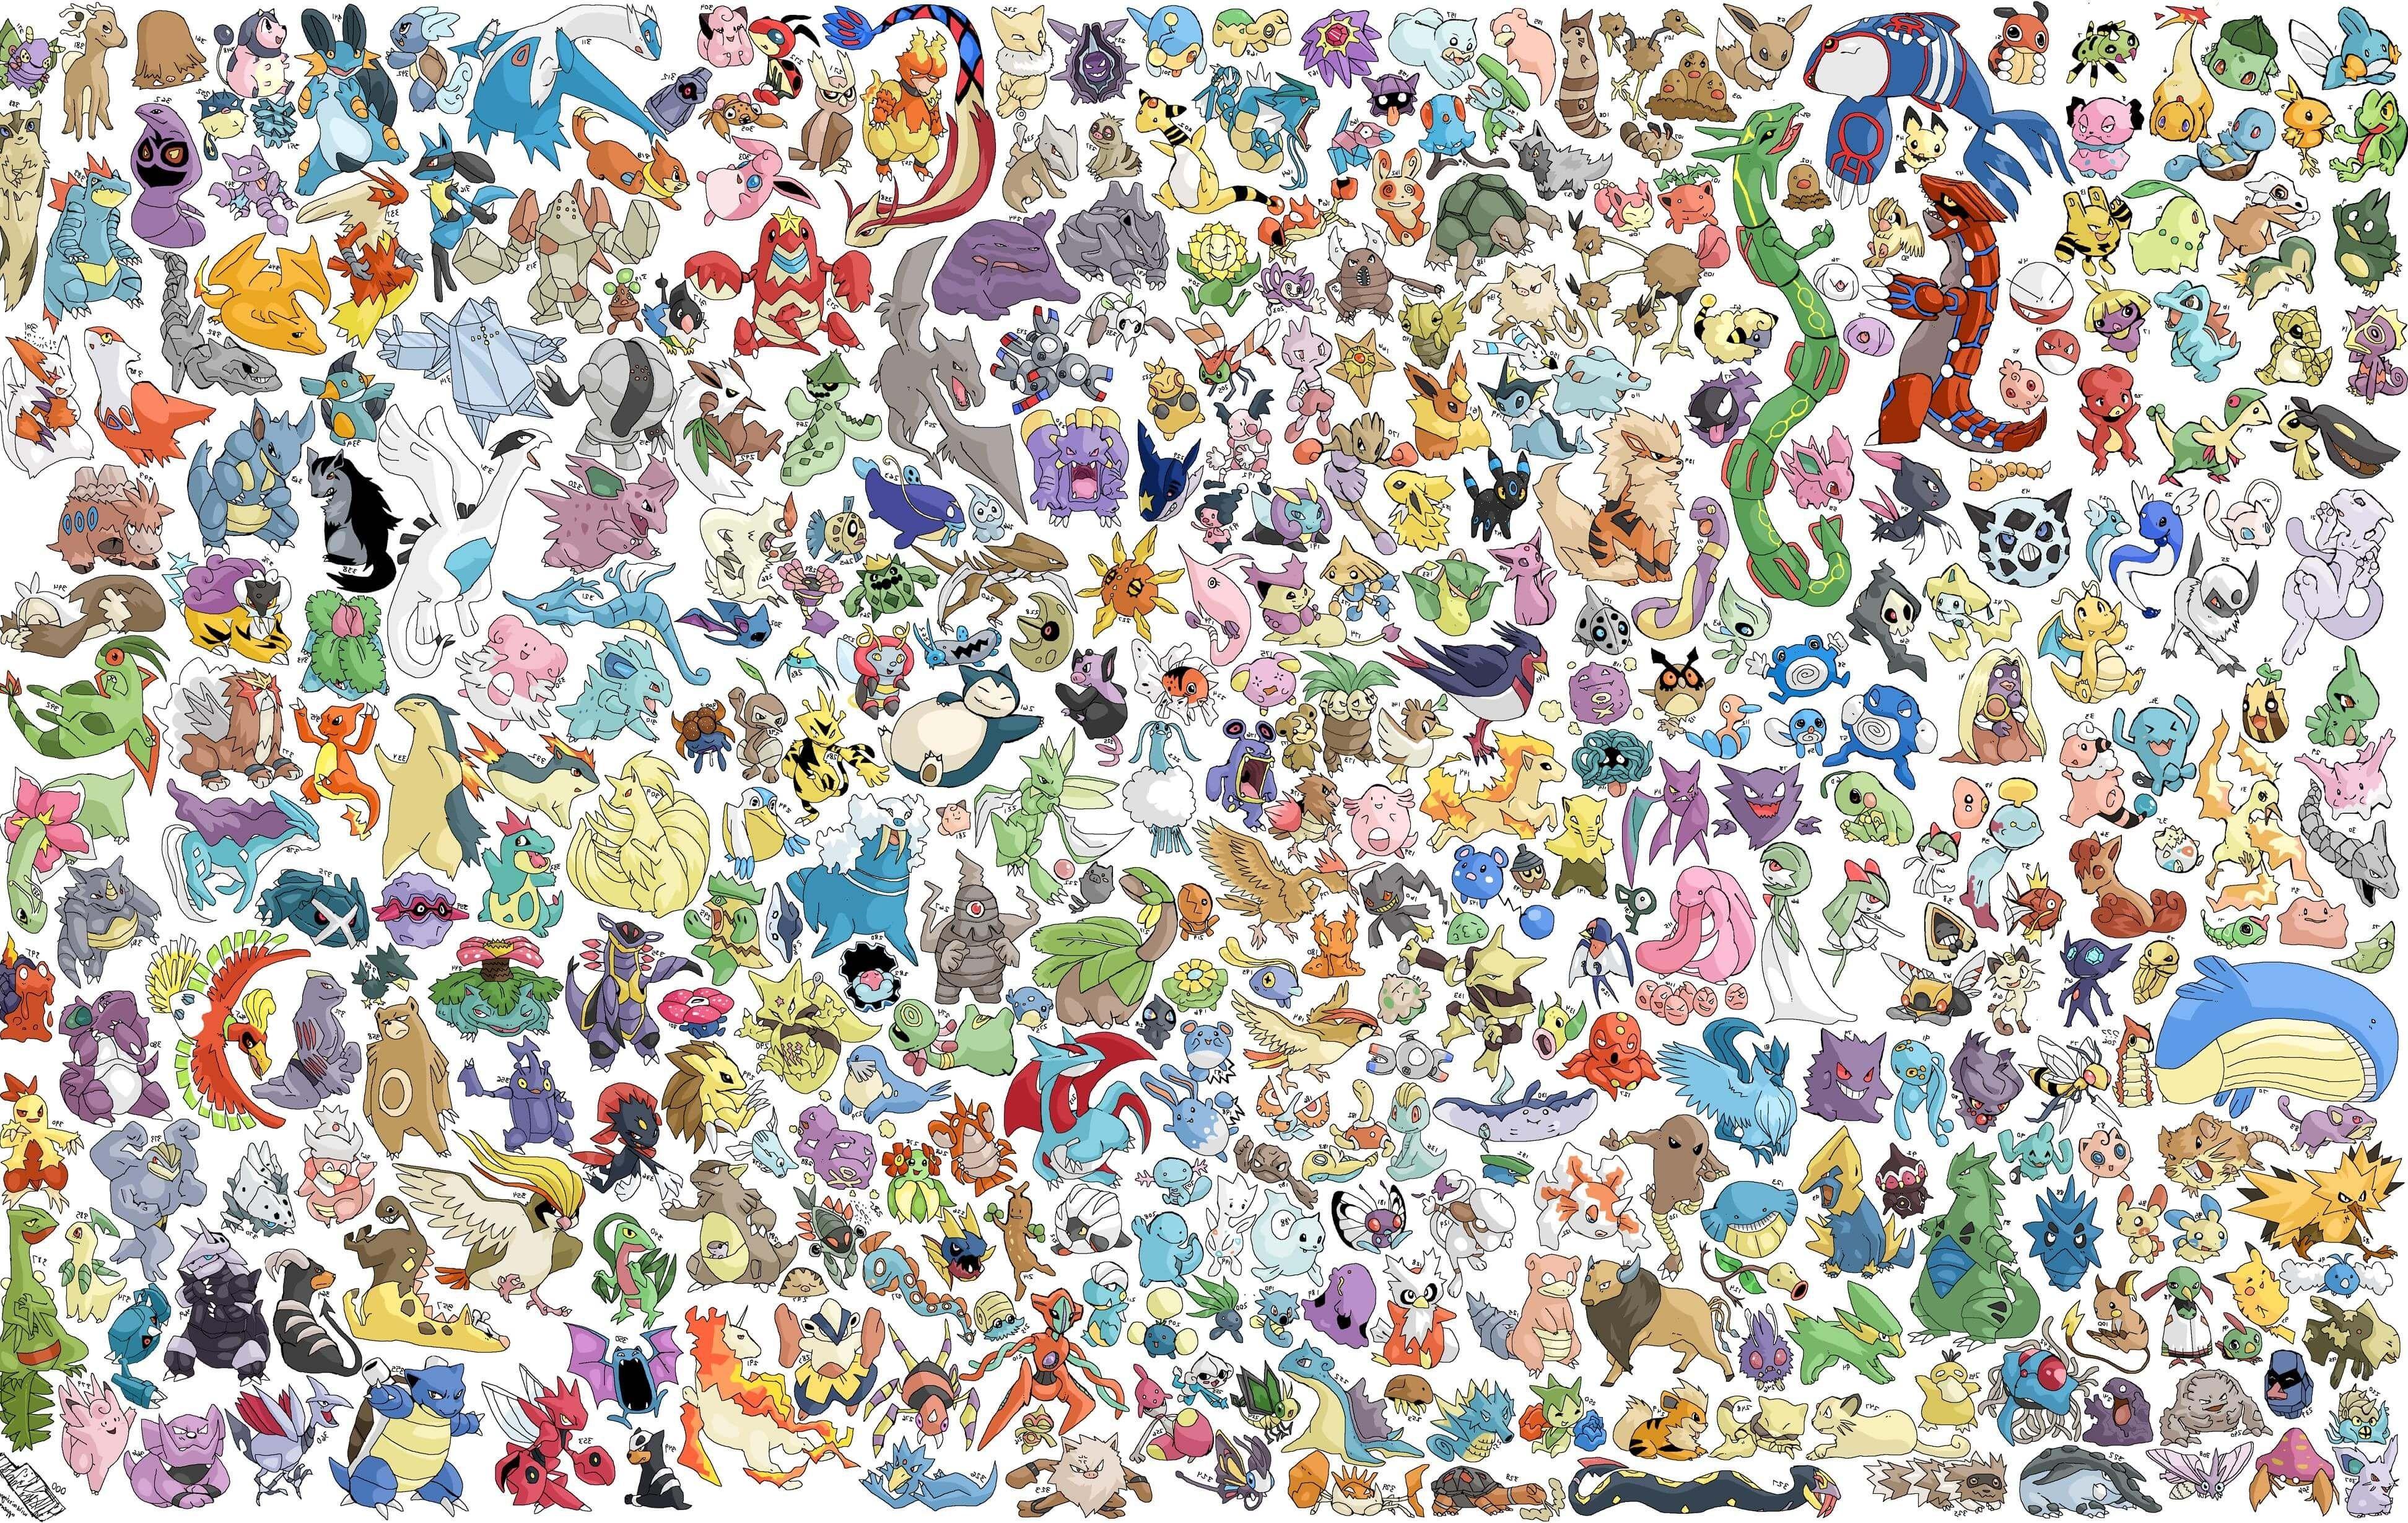 hd all pokemon wallpaper Pokemon poster, Cool pokemon